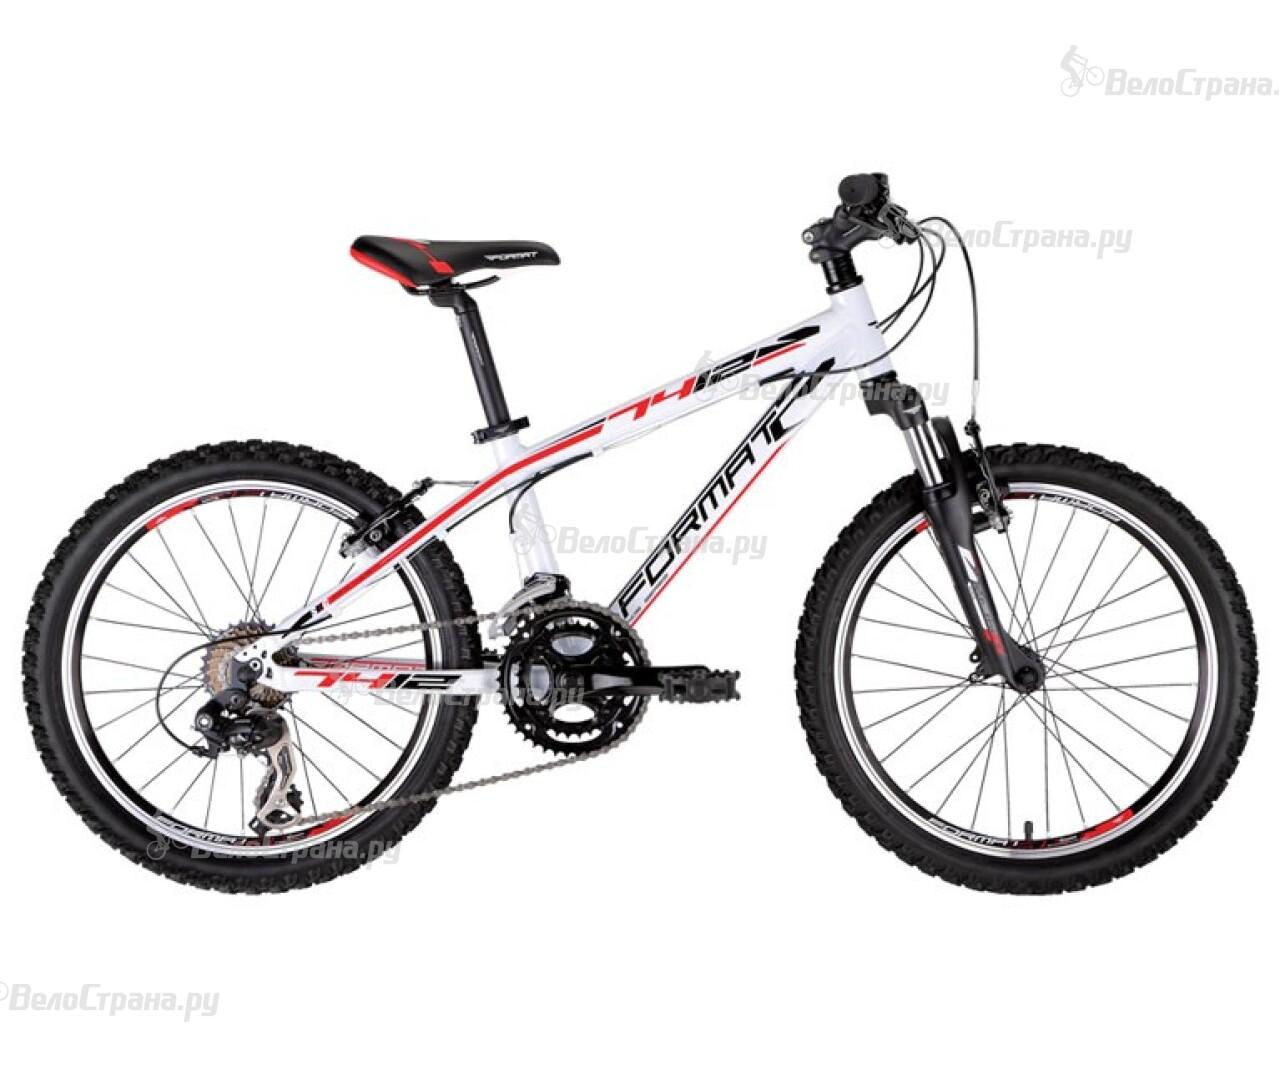 Велосипед Format 7412 (2014) велосипед format 1212 2014